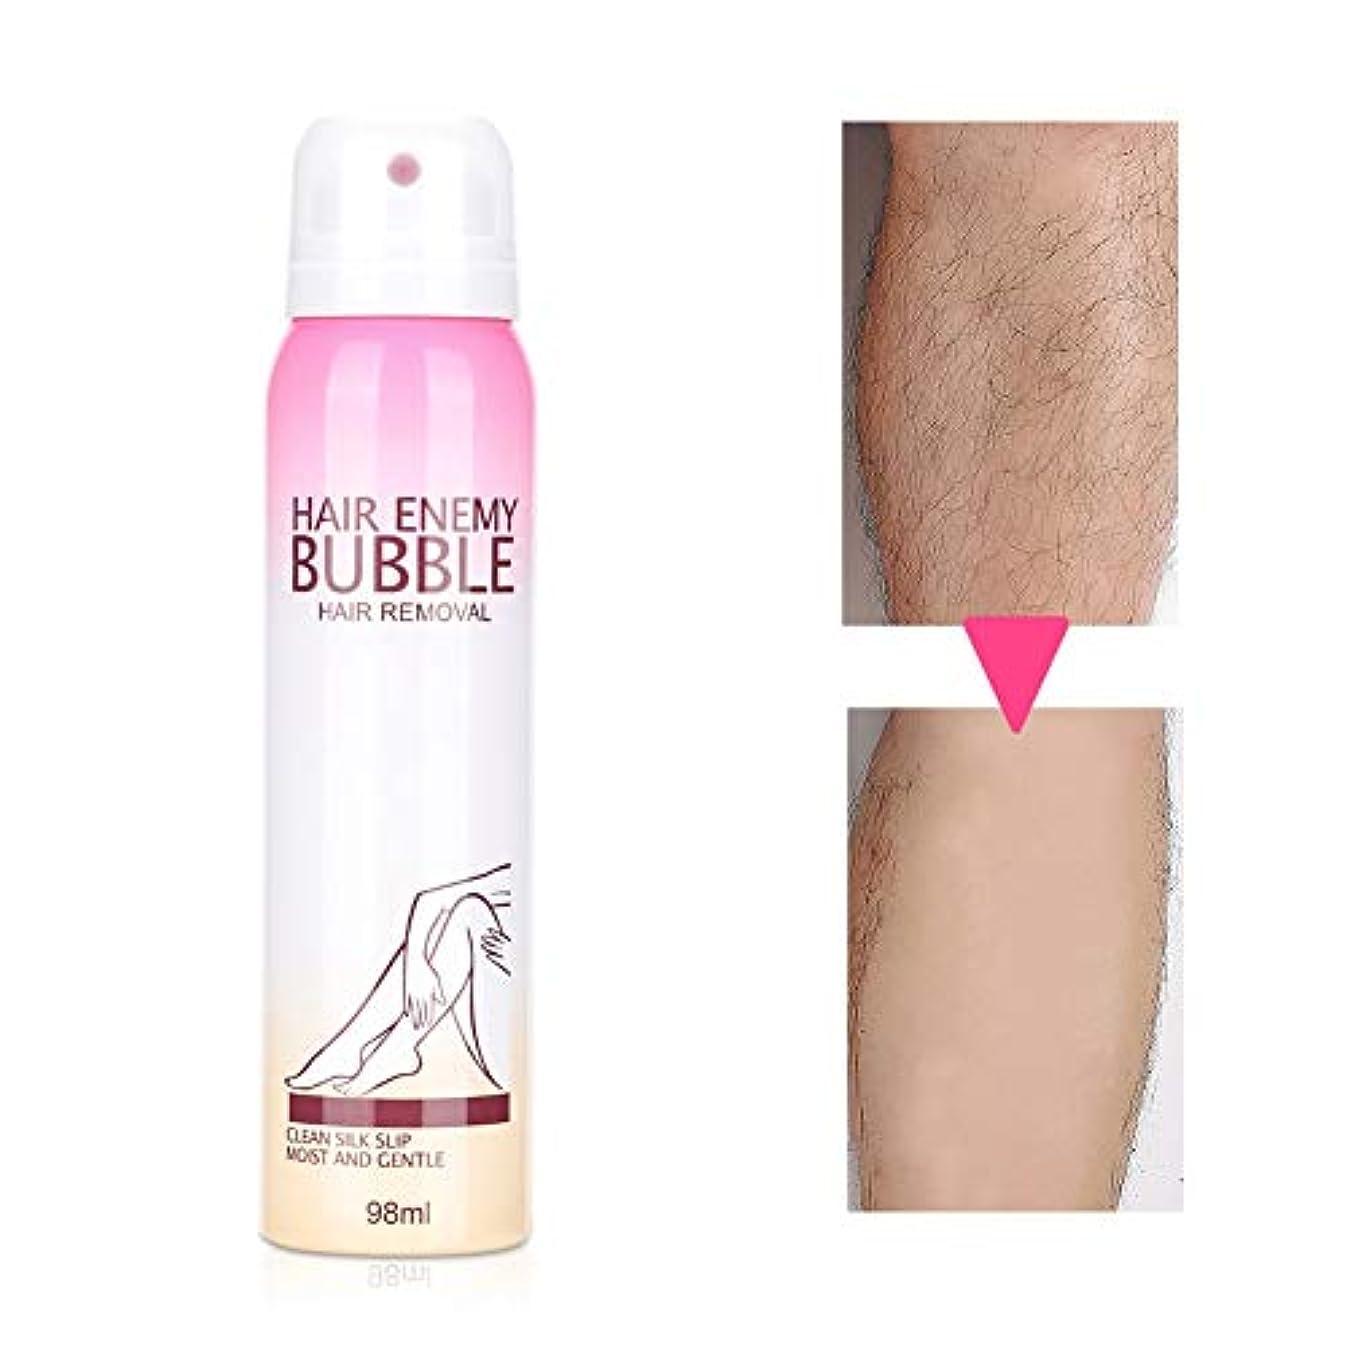 開発緯度薄汚い98ミリリットル痛みのないバブル脱毛クリーム女性のための長続きがするリムーバースプレー脱毛クリーム